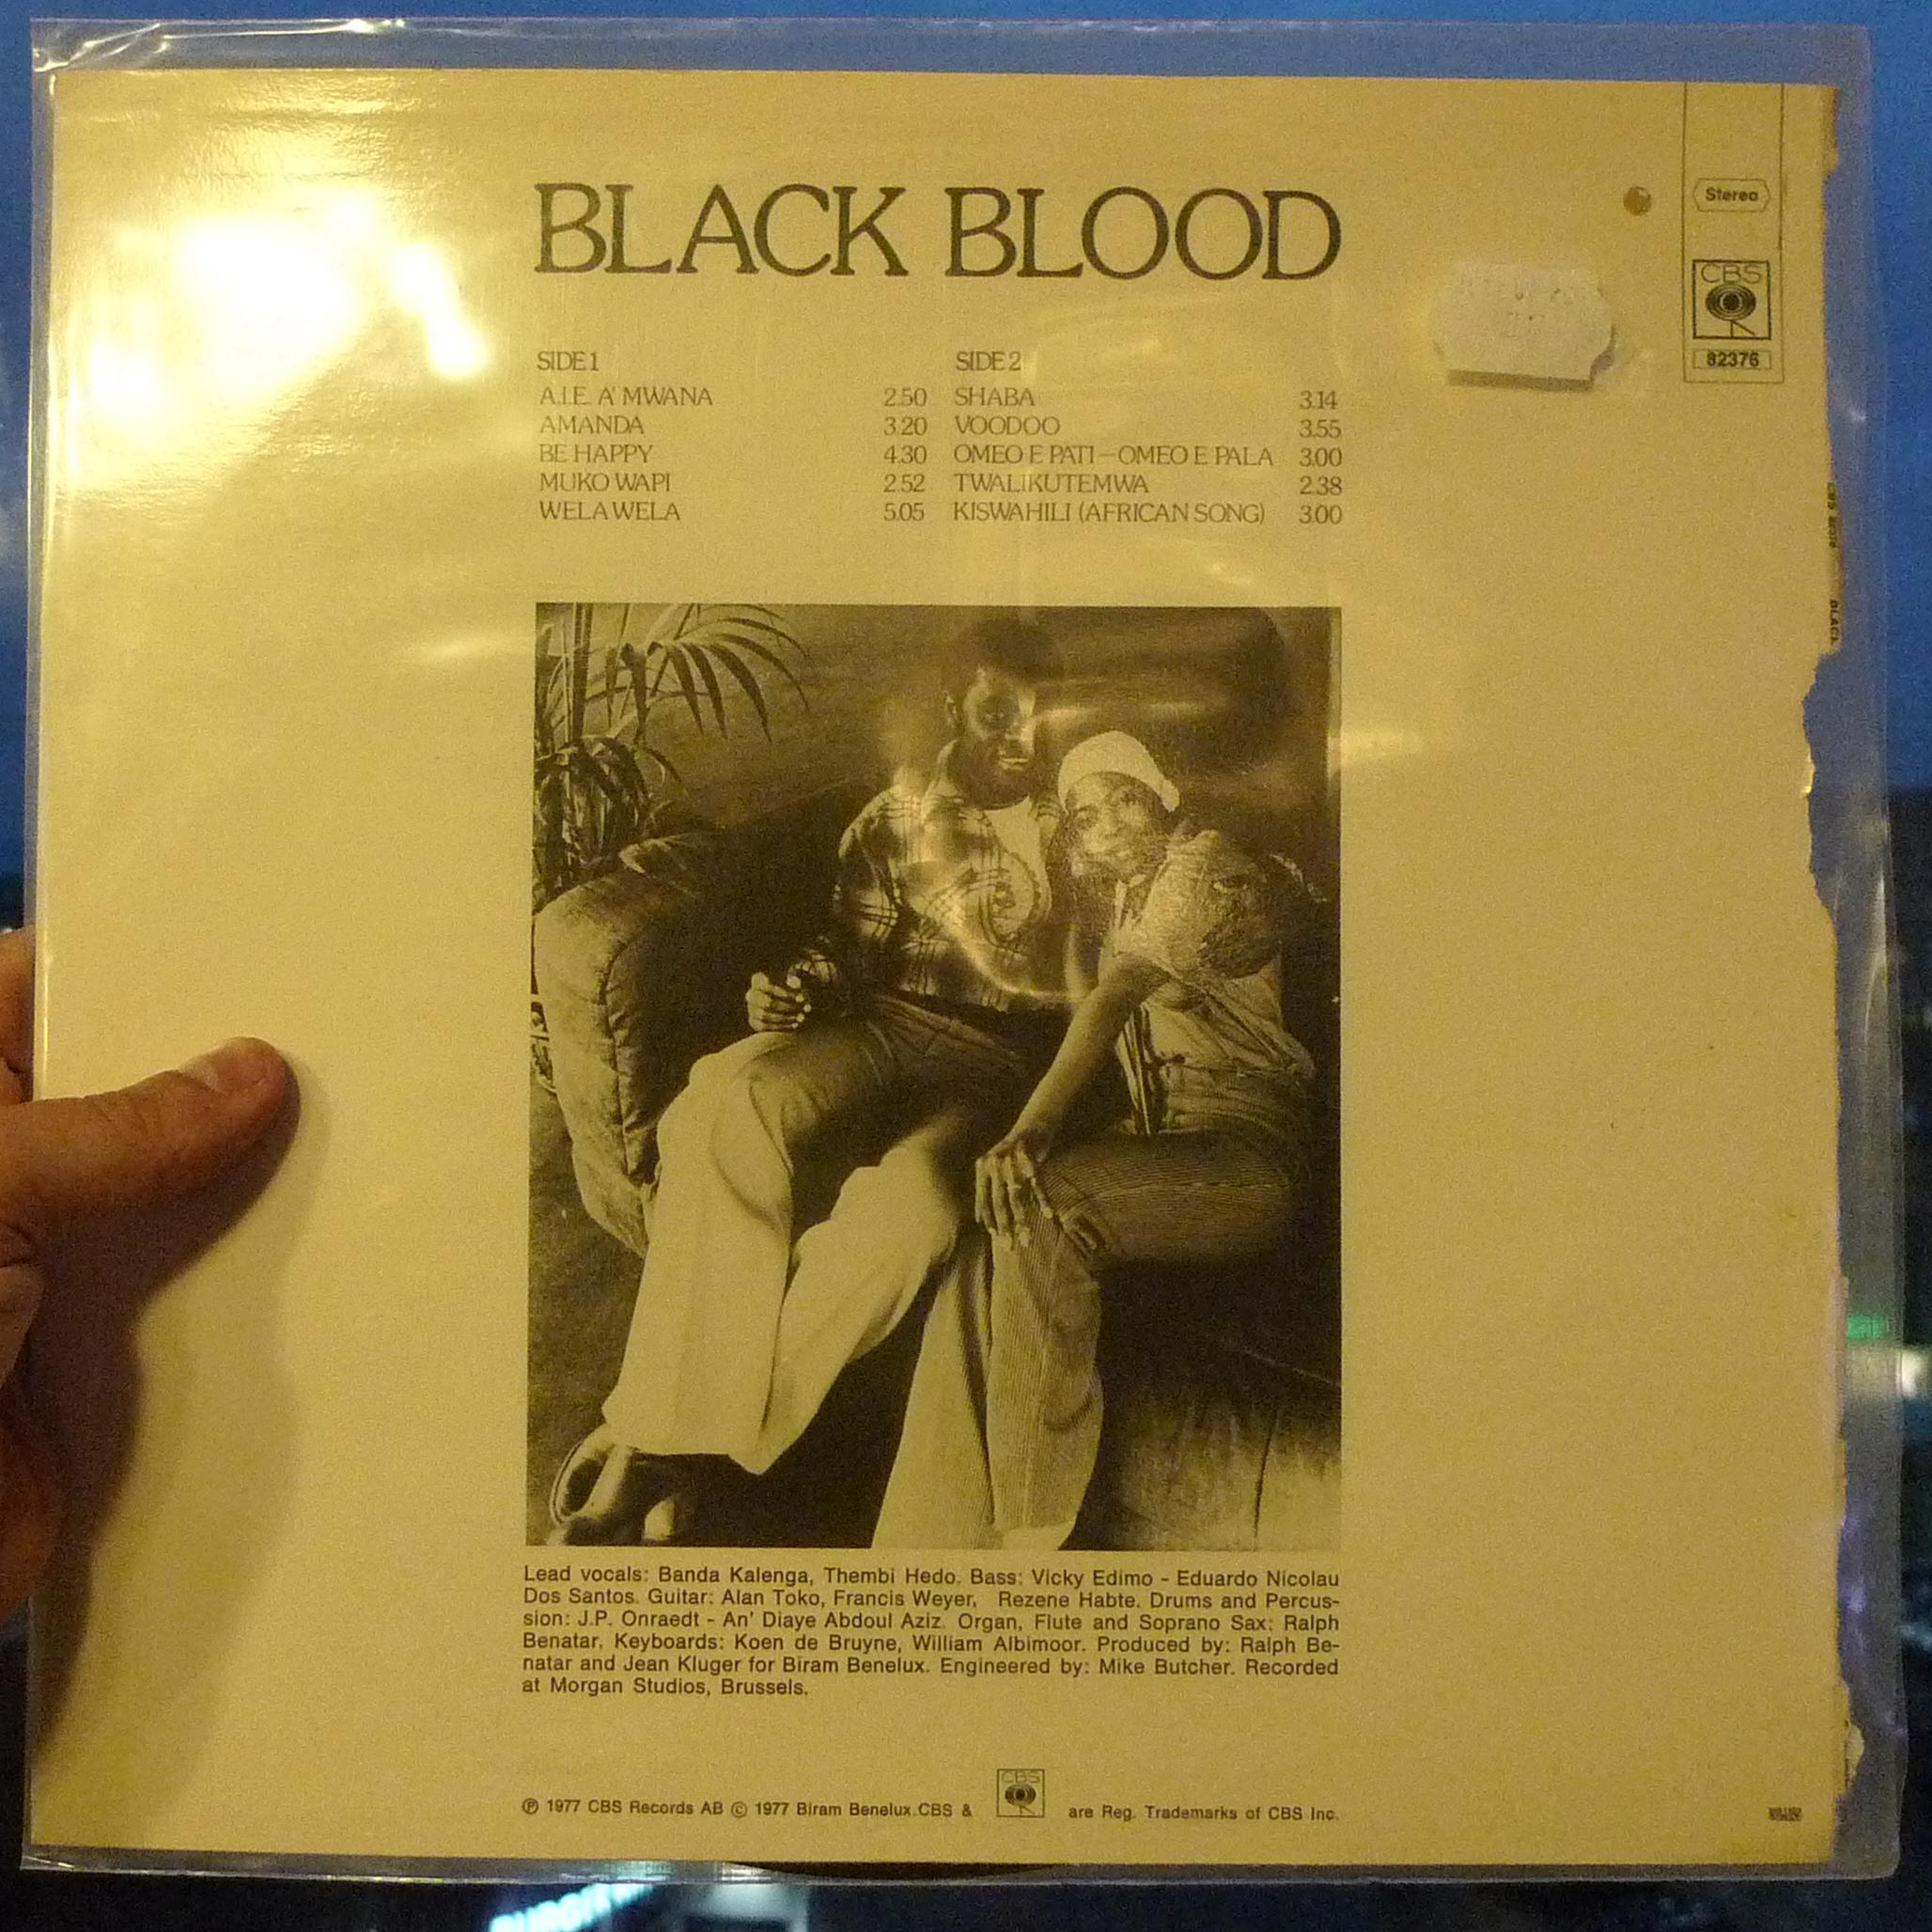 dj50 ep070 sleeve blackblood